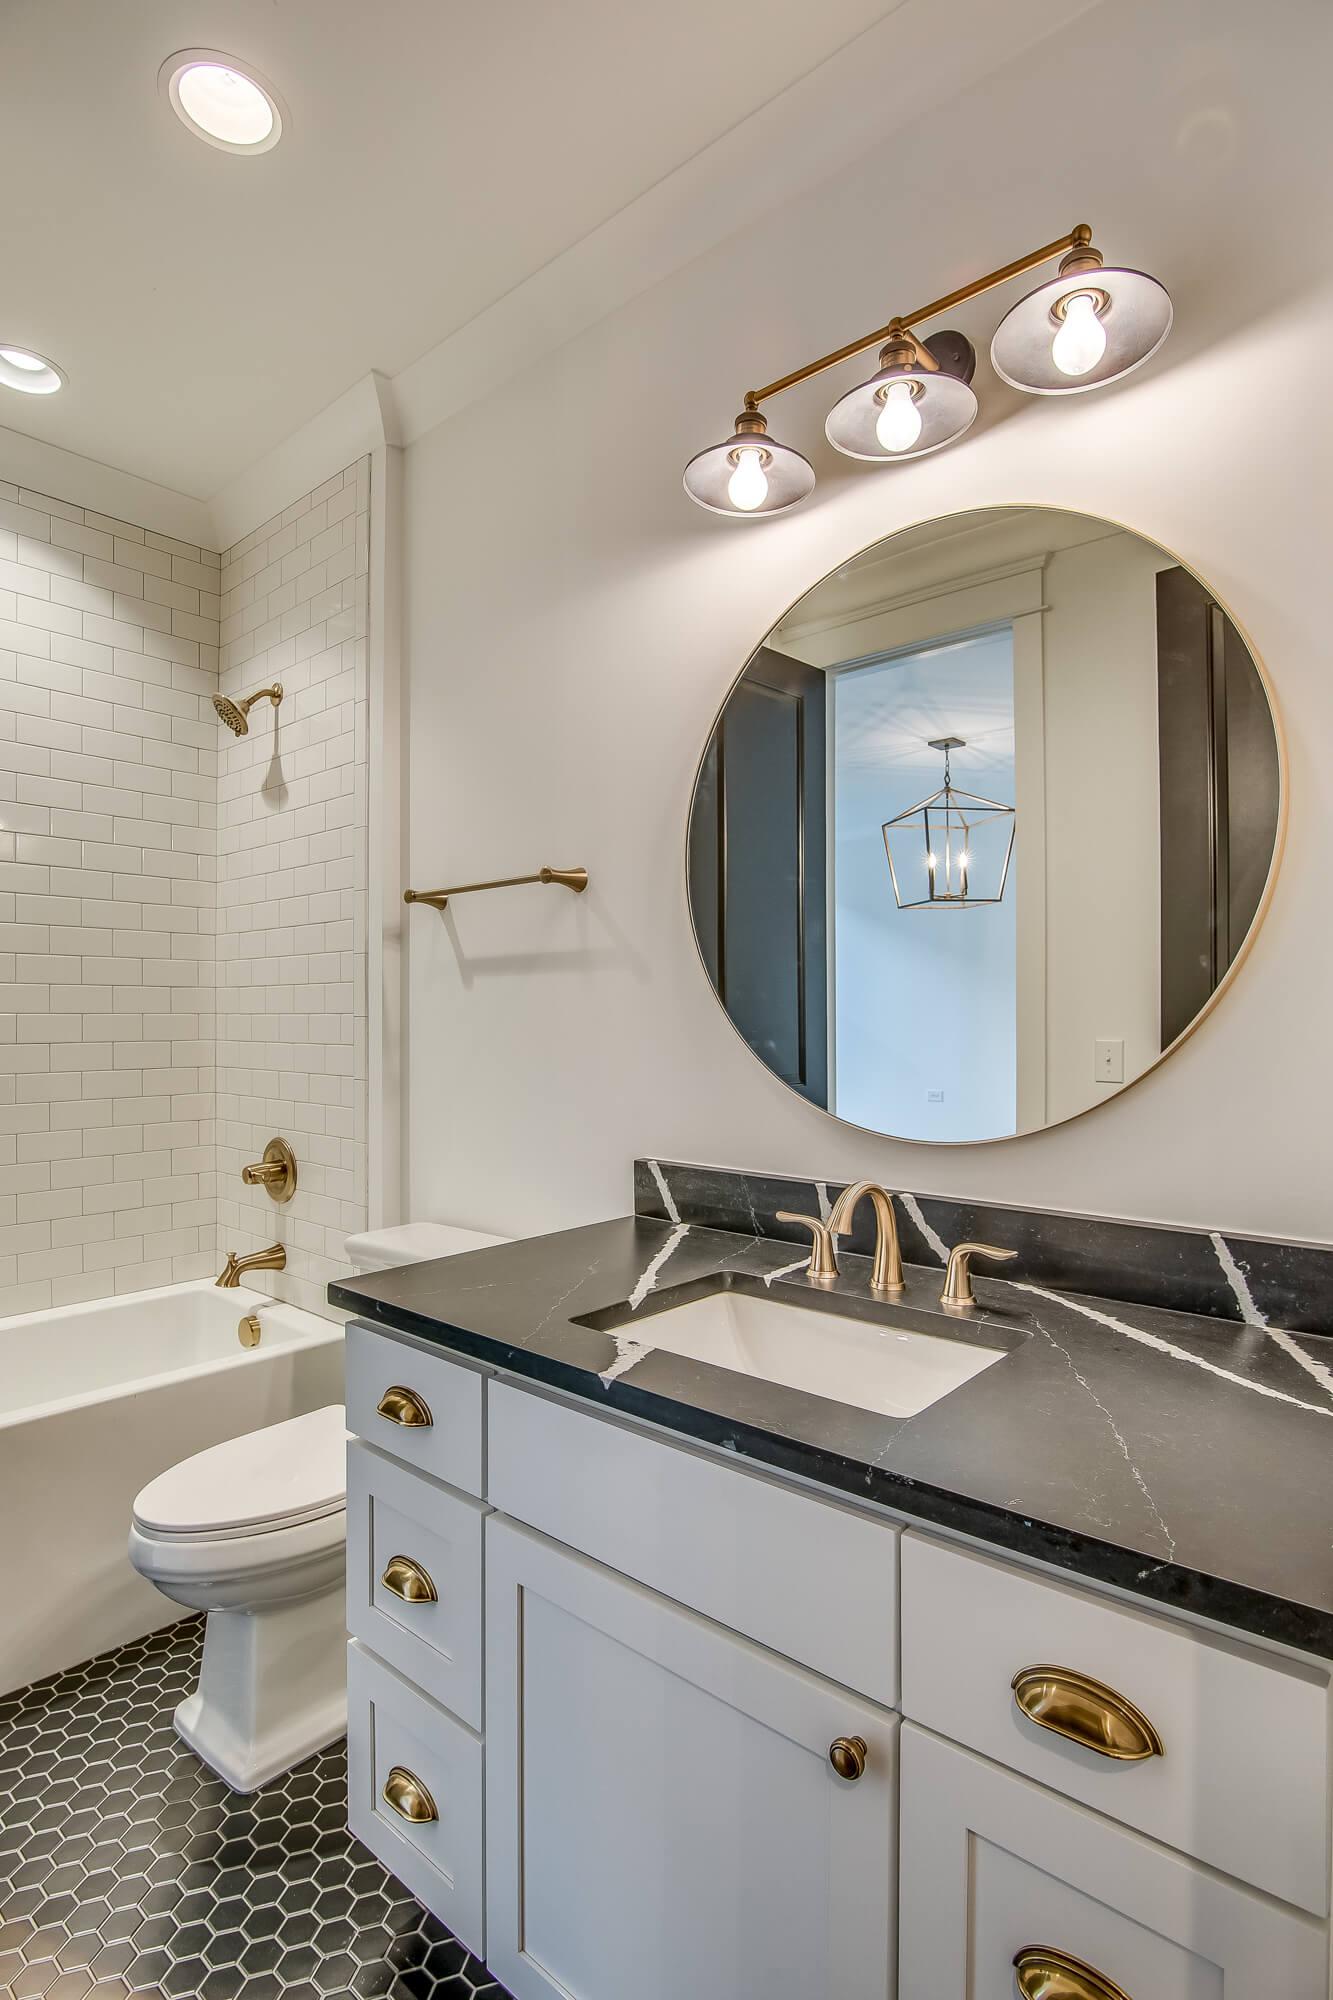 chandelier-development-nashville-tennessee-home-builder--11.jpg